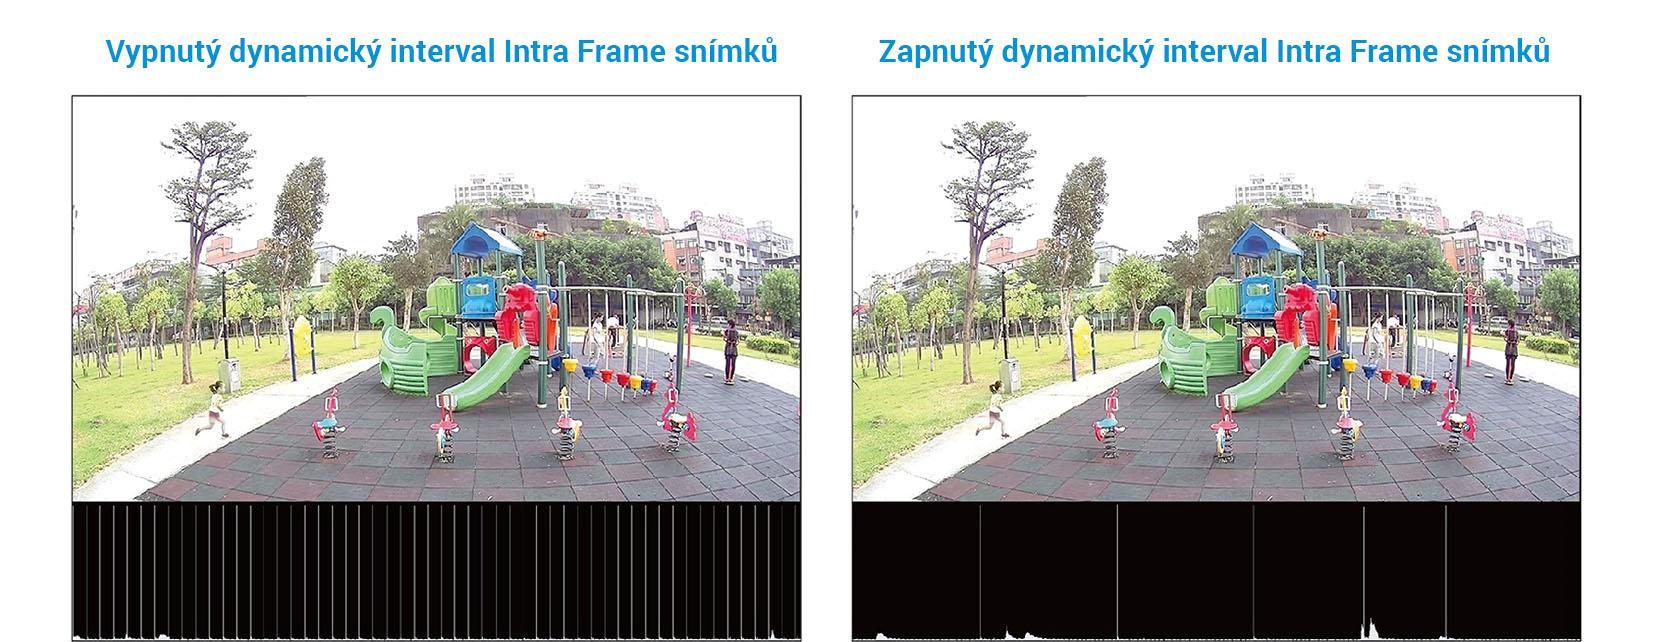 Dynamický interval intra snímků